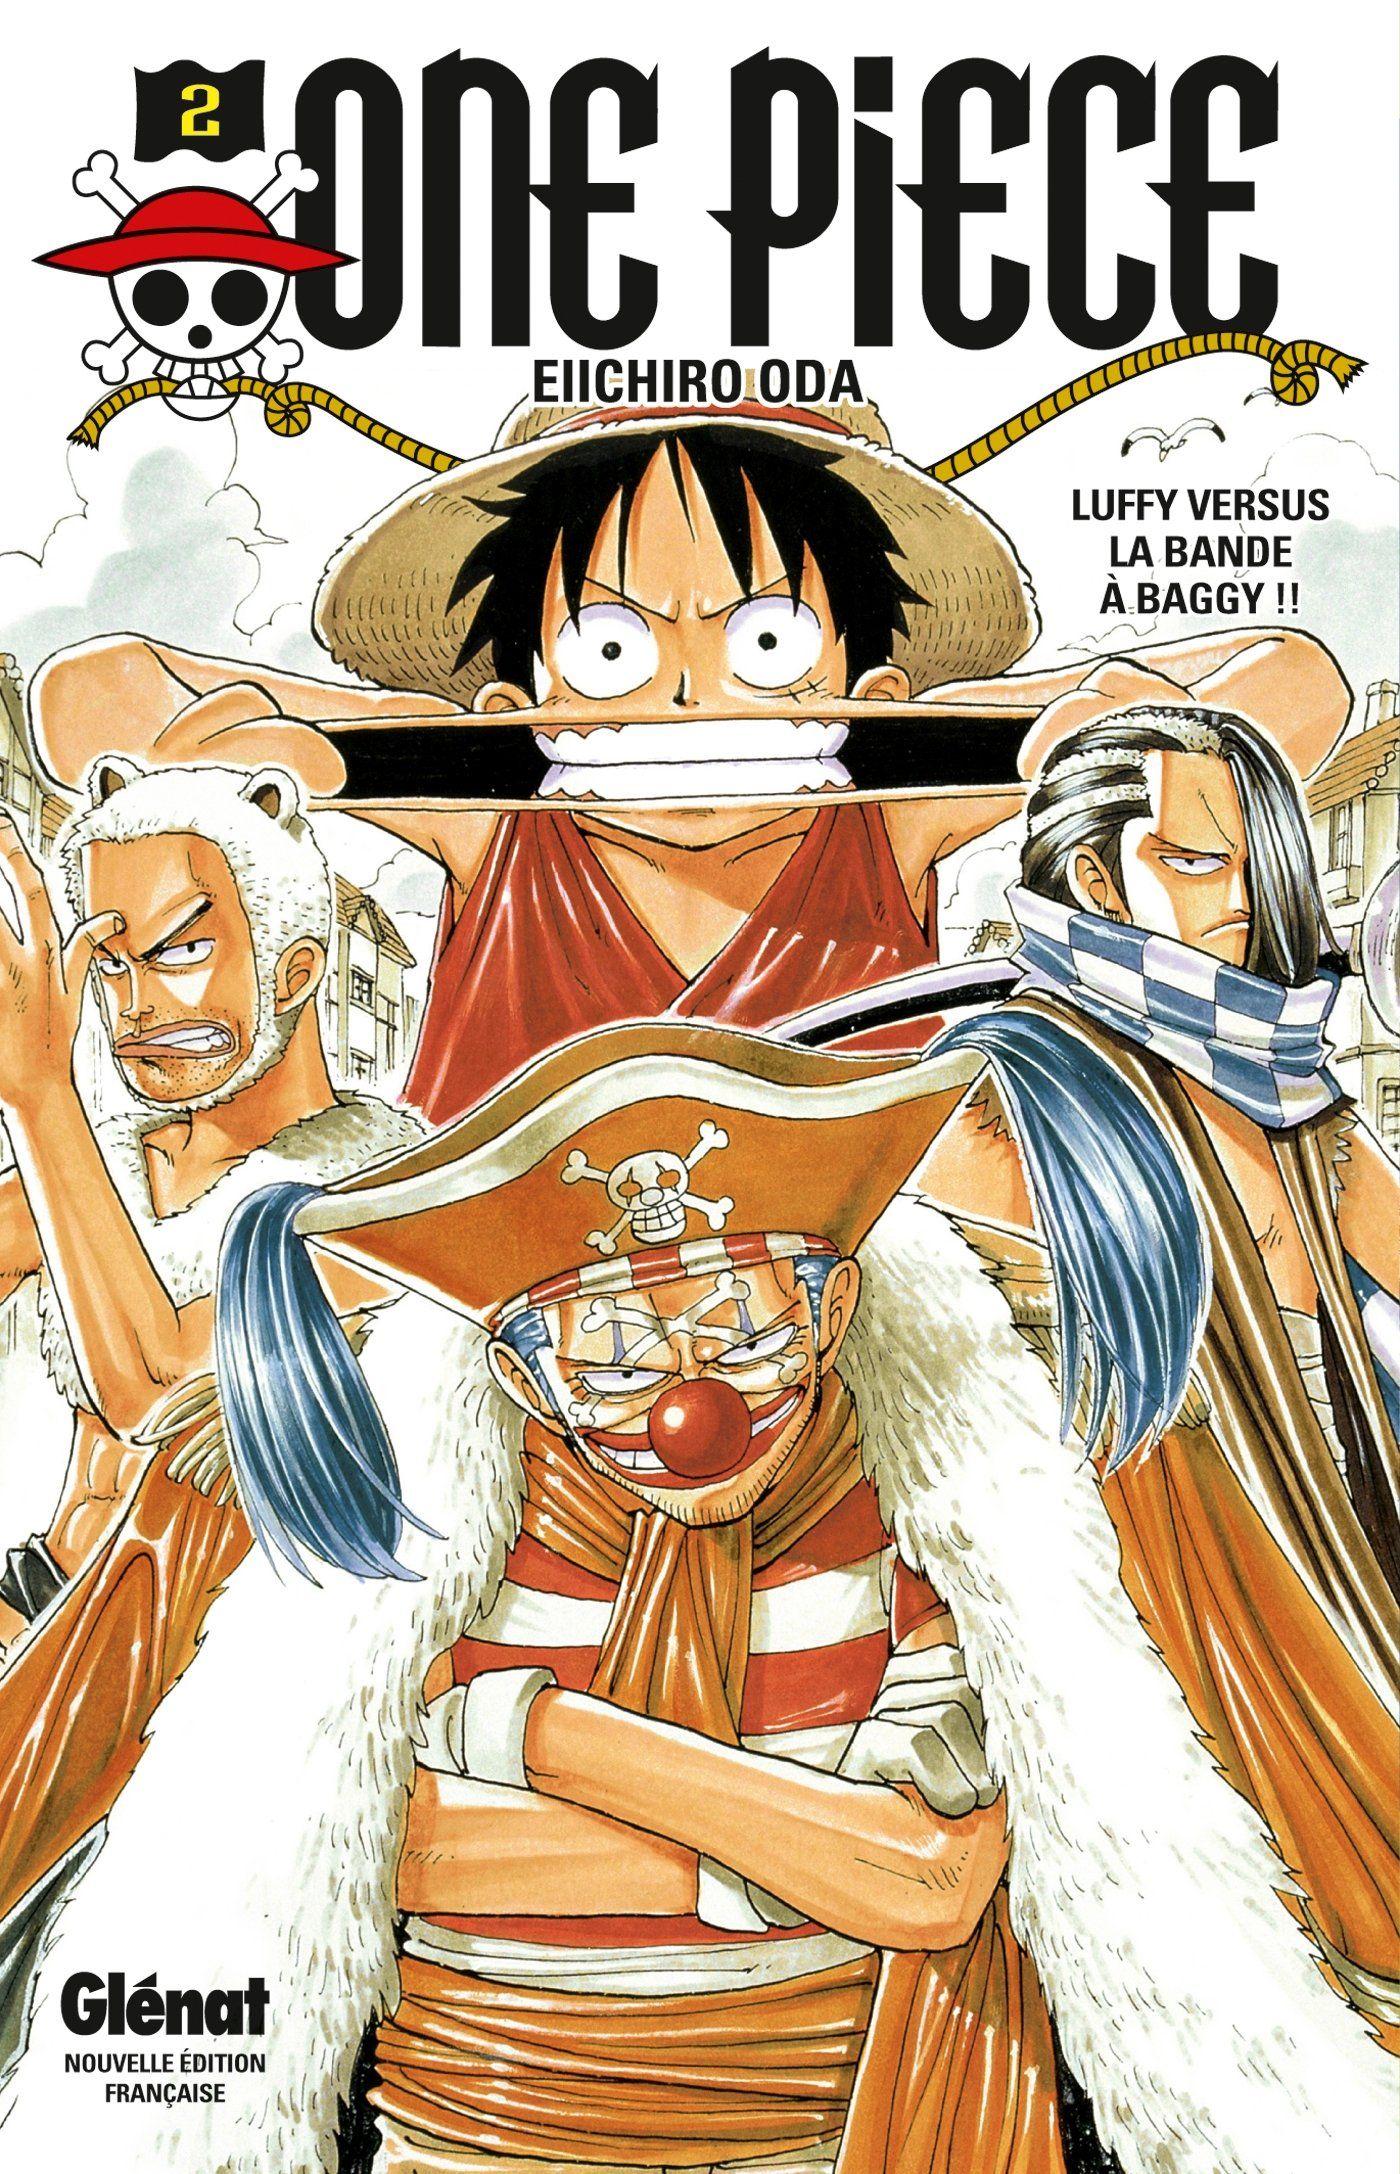 Épinglé par Prescile sur Livre Manga Téléchargement